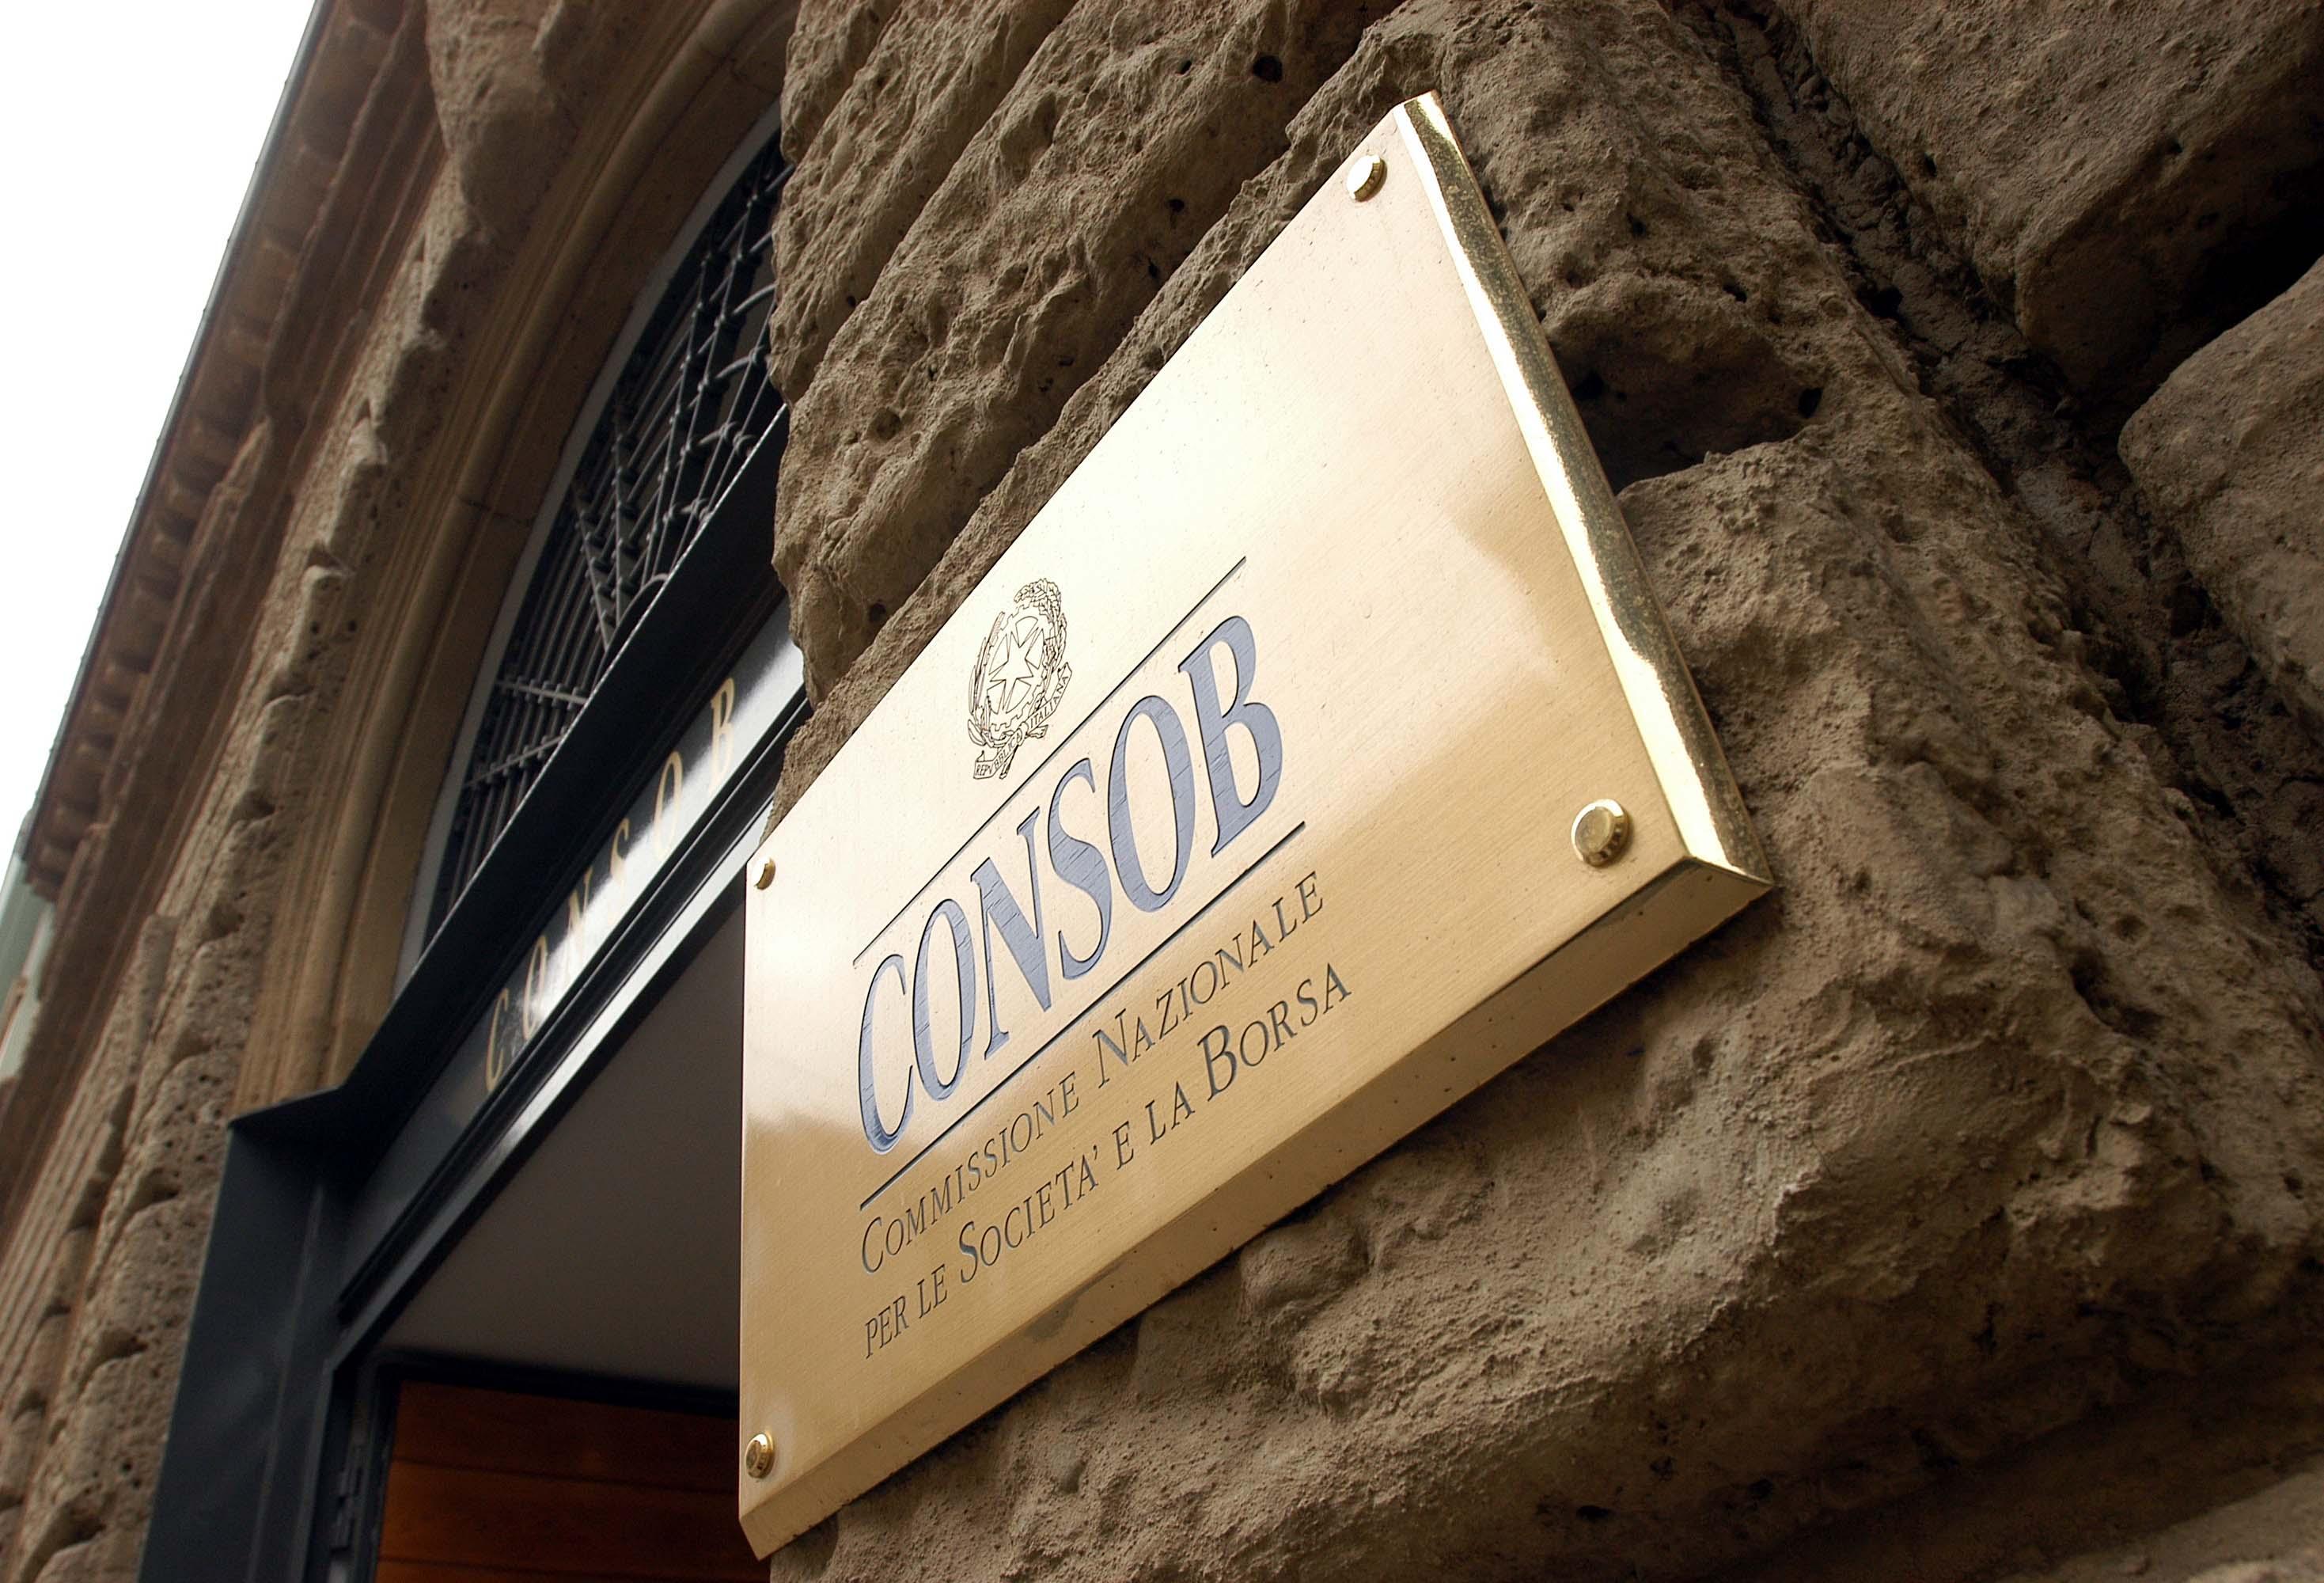 Opzioni binarie e trading online: gli avvisi della Consob